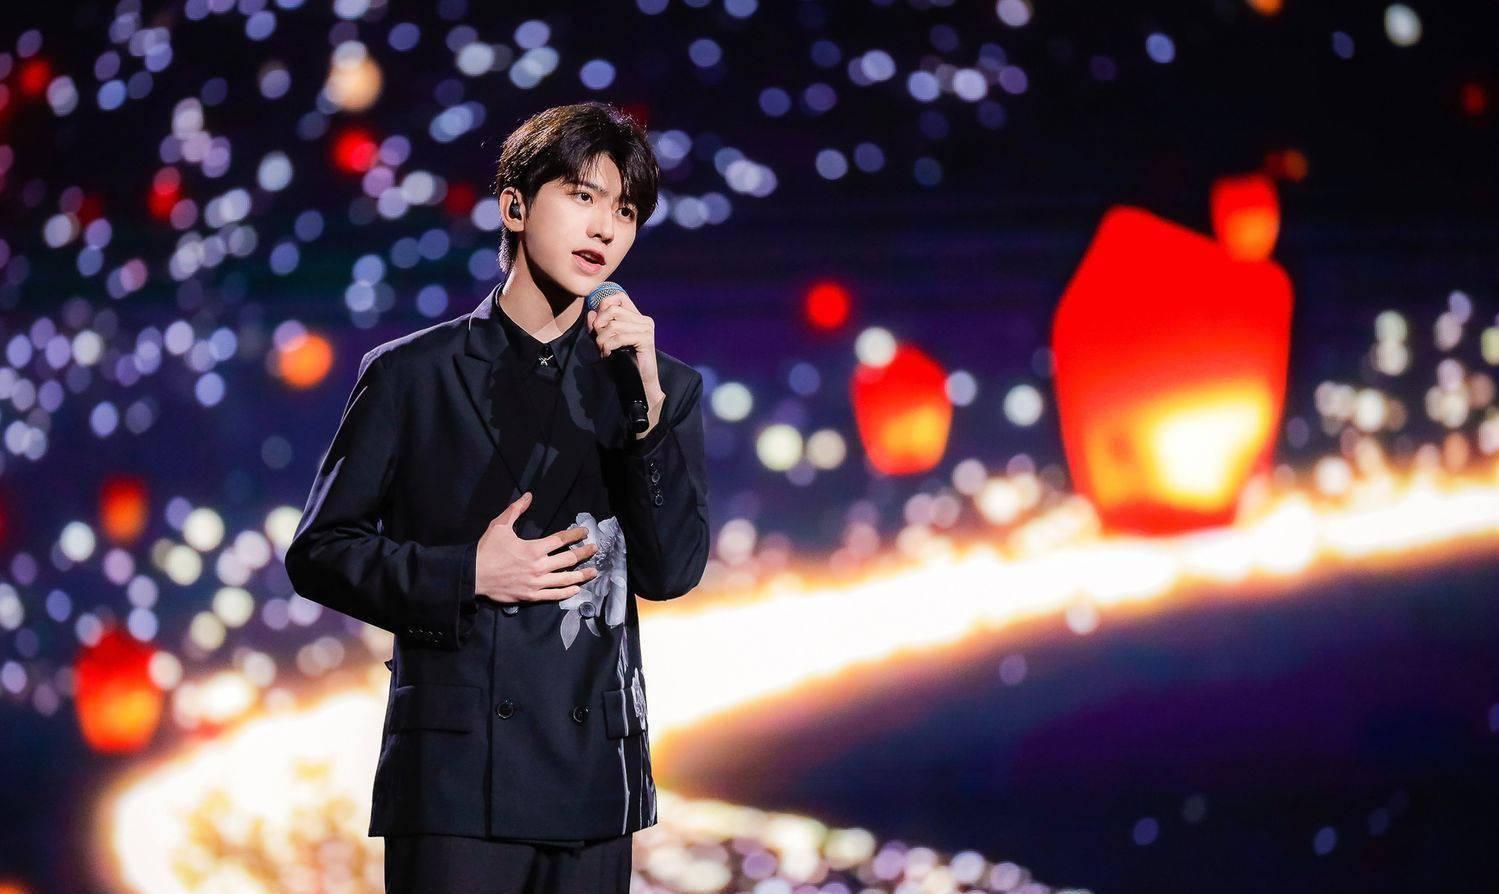 选秀3次C位出道,蔡徐坤召开个人演唱会,7年等待终偿夙愿